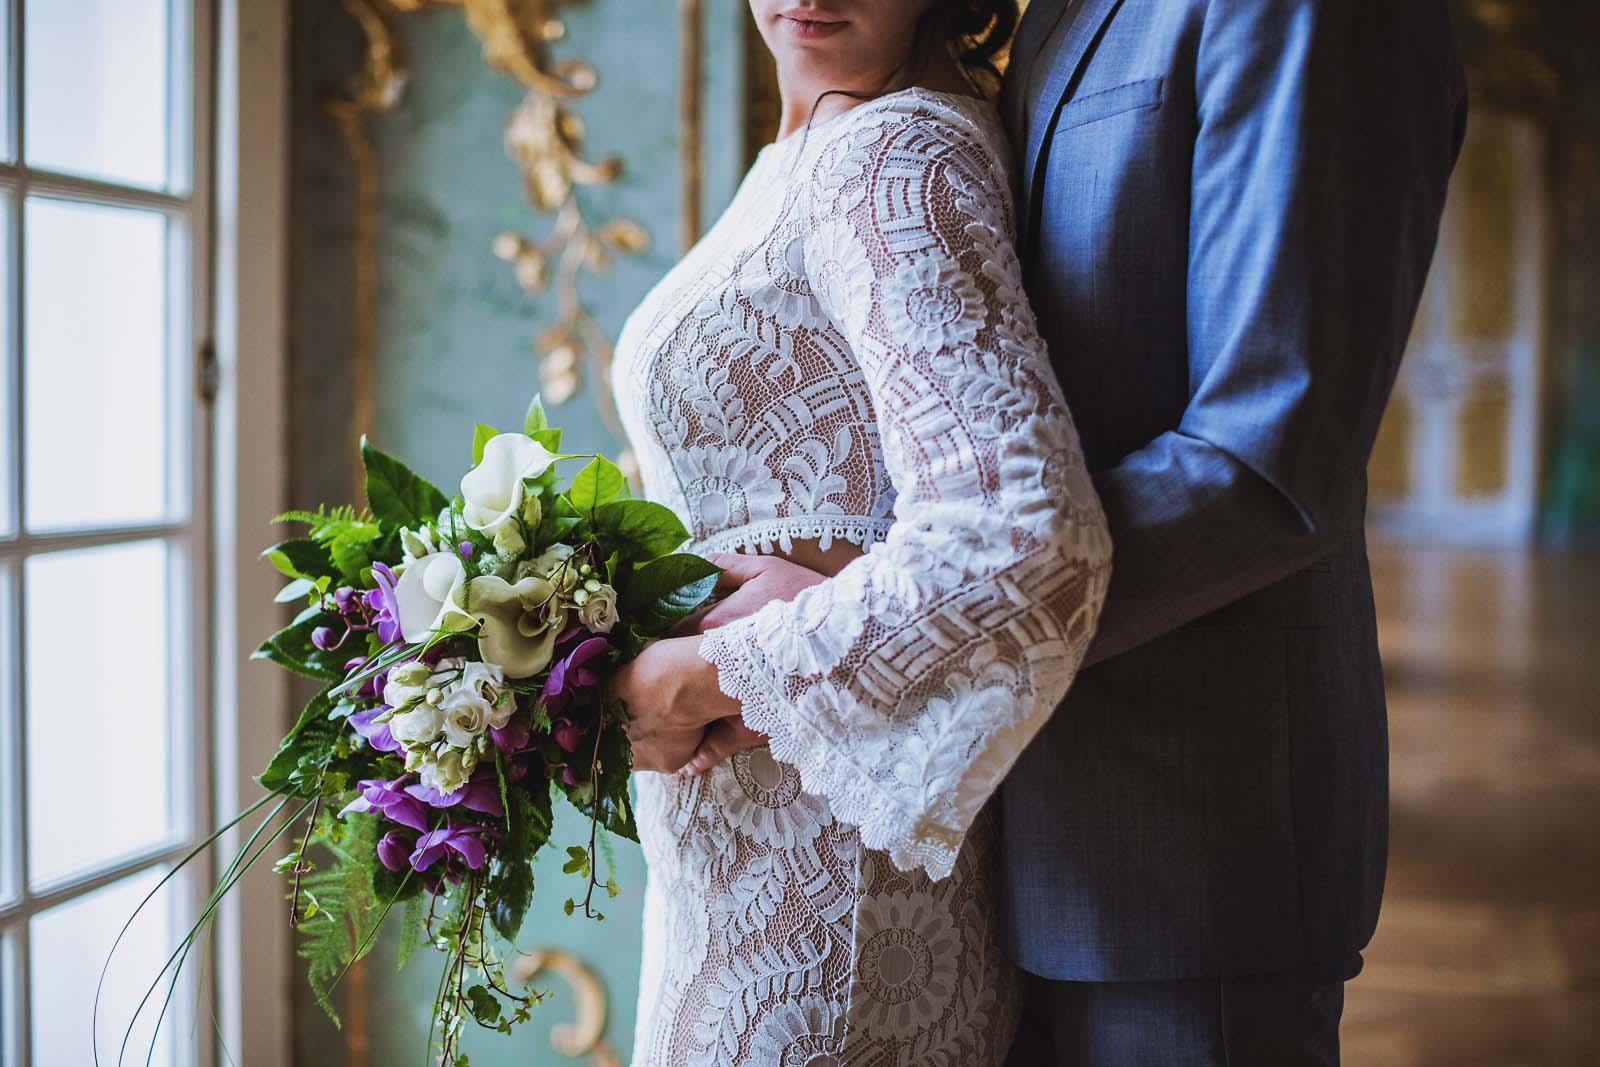 Foto vom Fotoshooting mit Brautpaar zeigt Detail vom Kleid Copyright by Hochzeitsfotograf www.berliner-hochzeitsfotografie.de